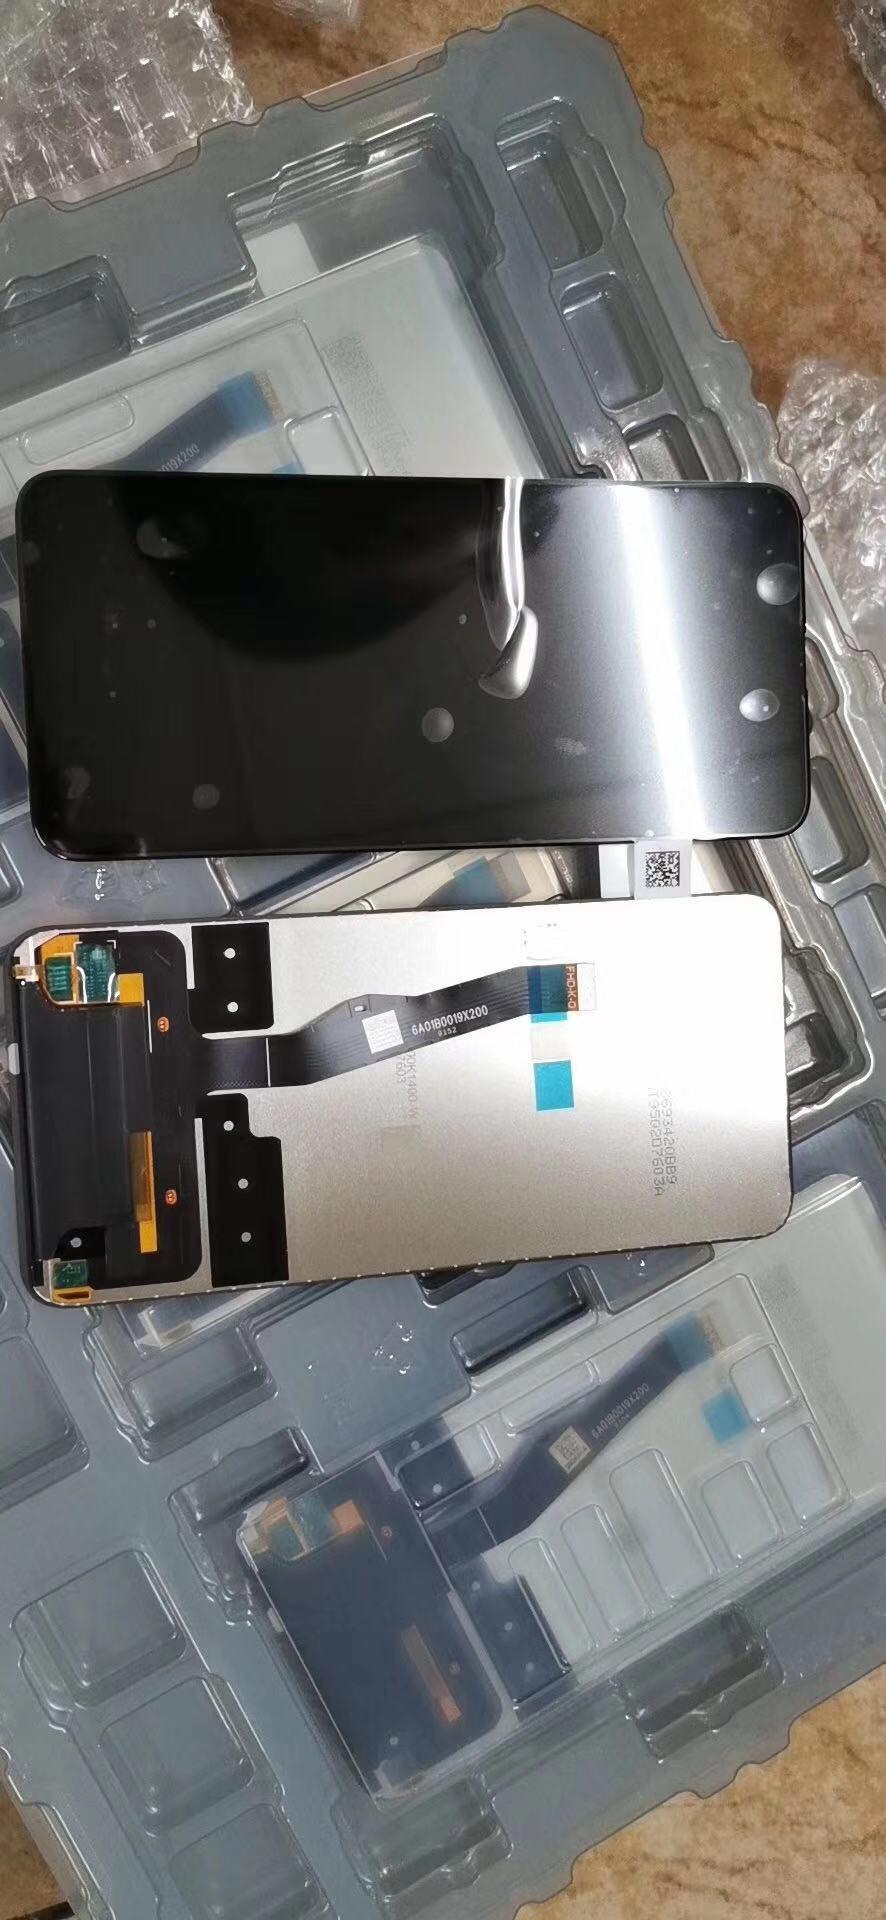 6.59 pouces pour Huawei P Smart Z STK-LX1 LCD écran tactile numériseur pièces d'assemblage + outils + Double ruban